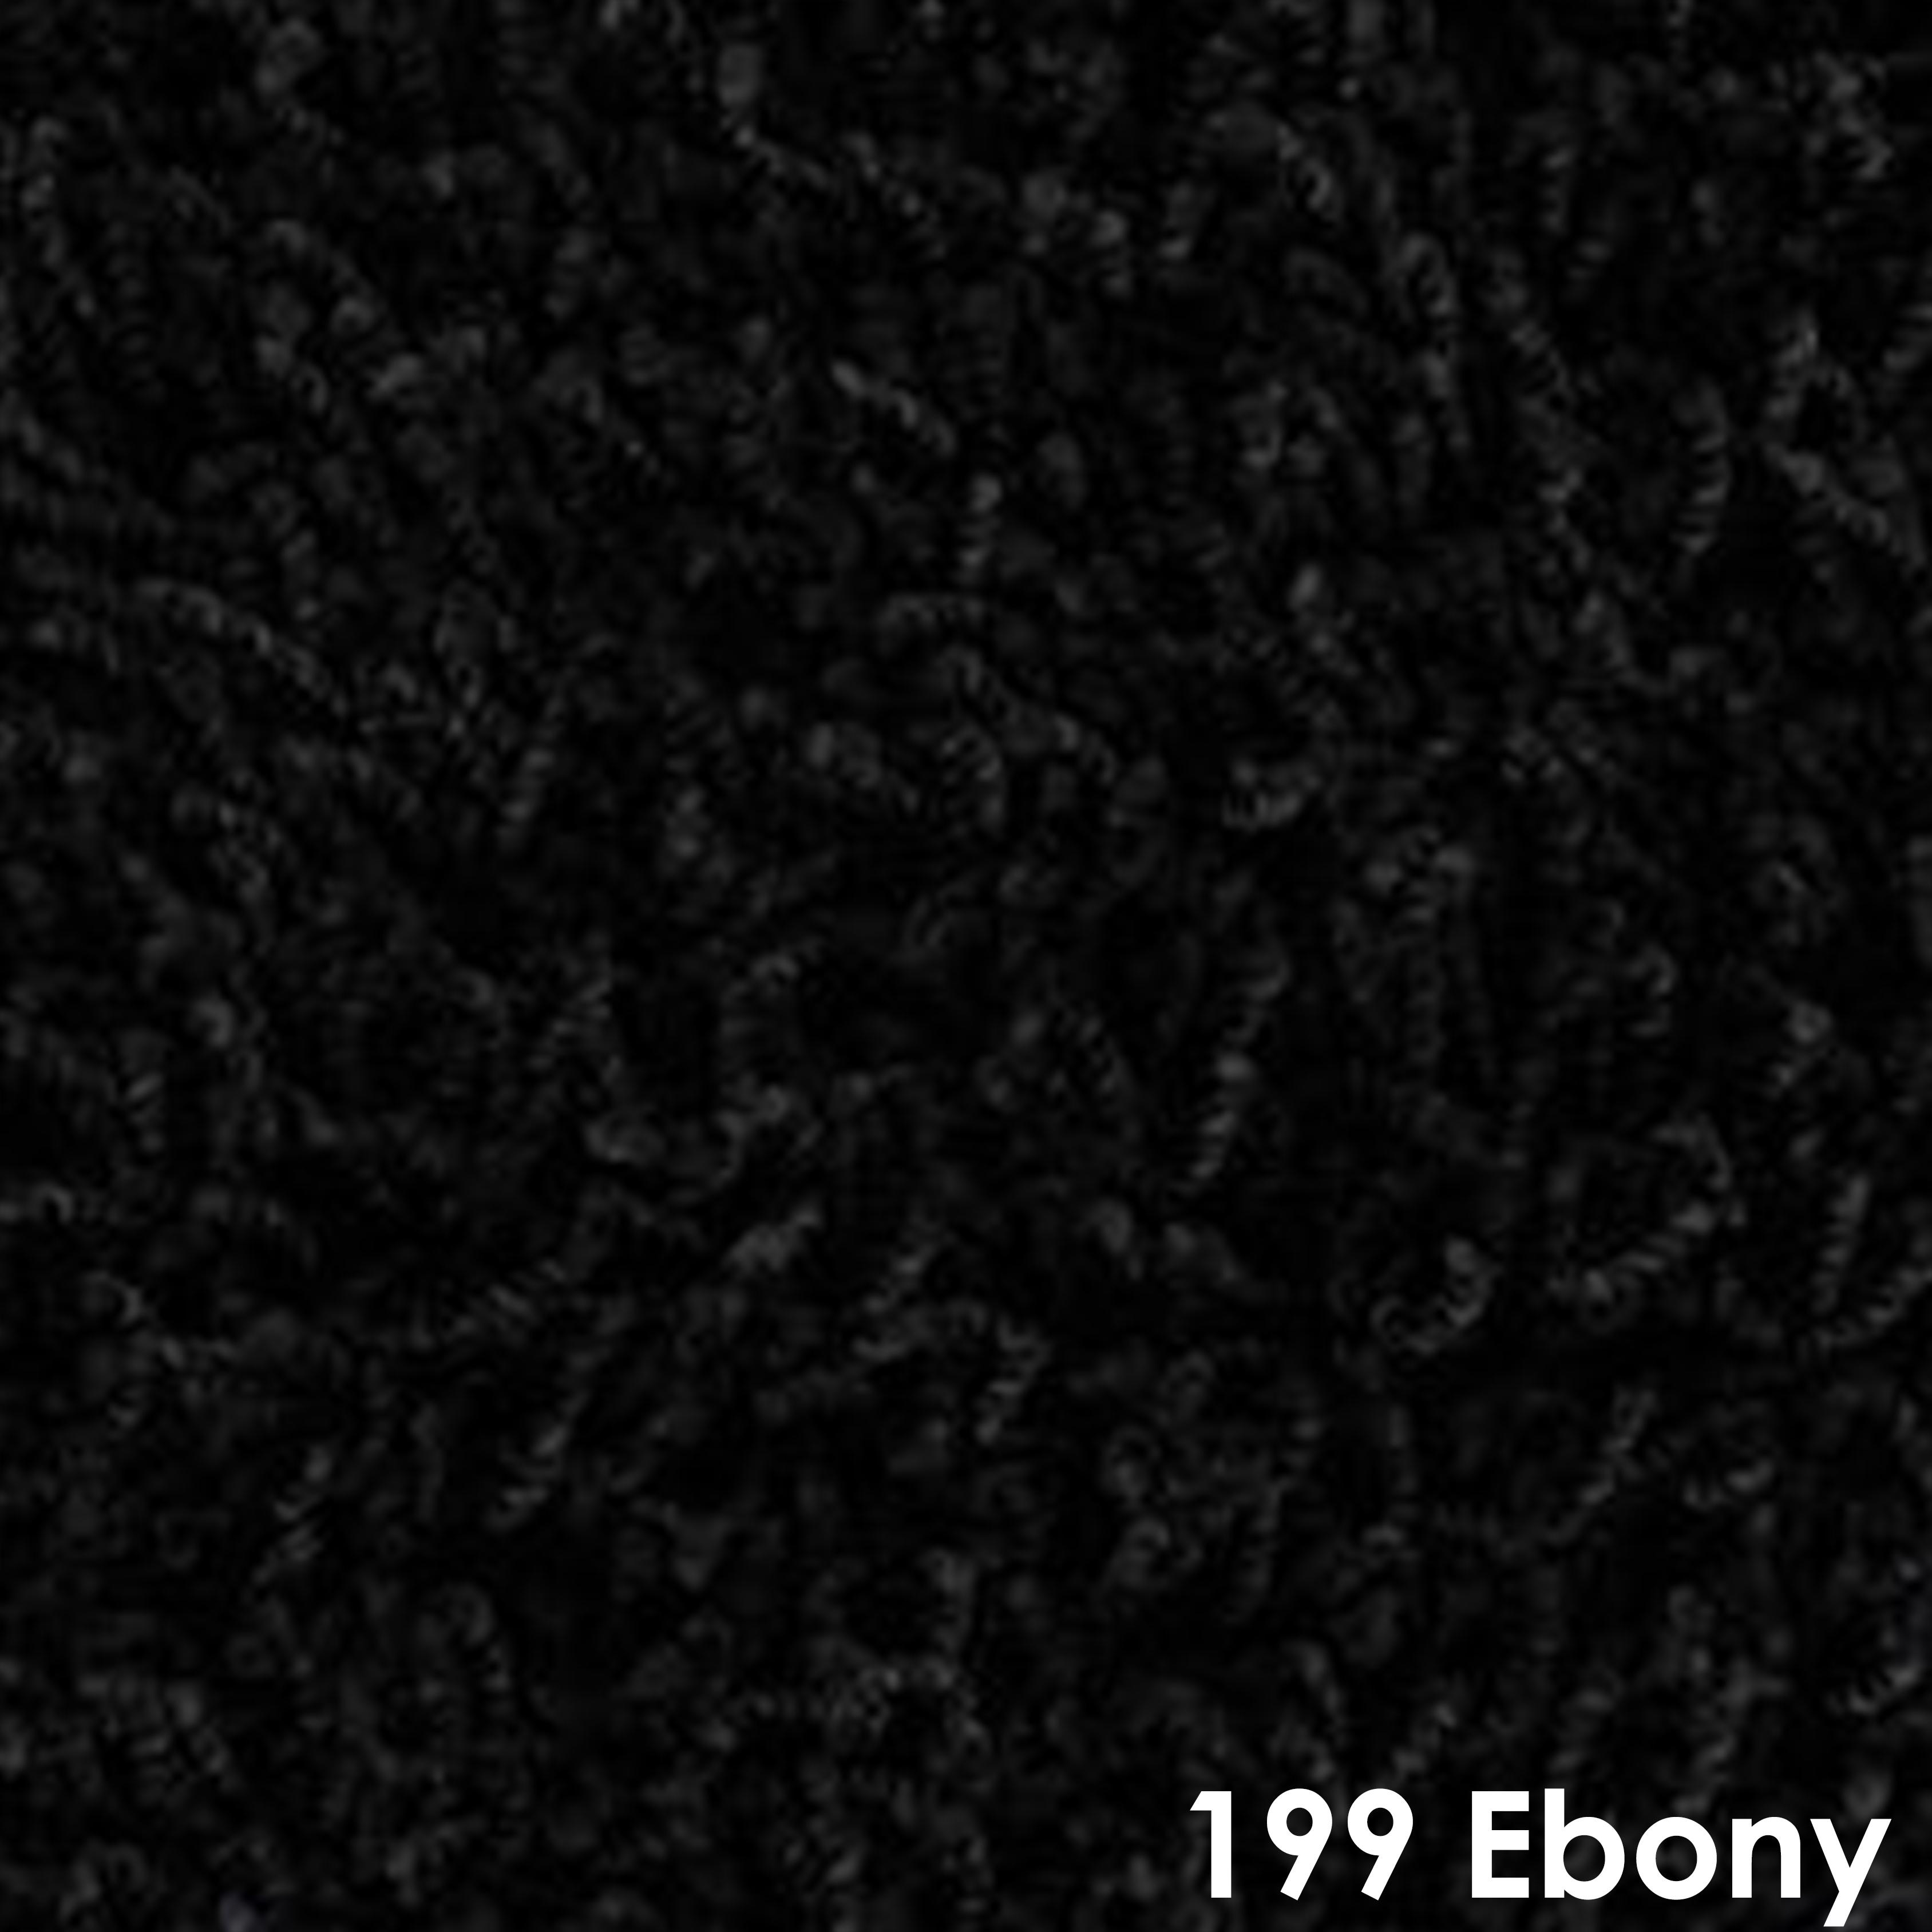 199 Ebony